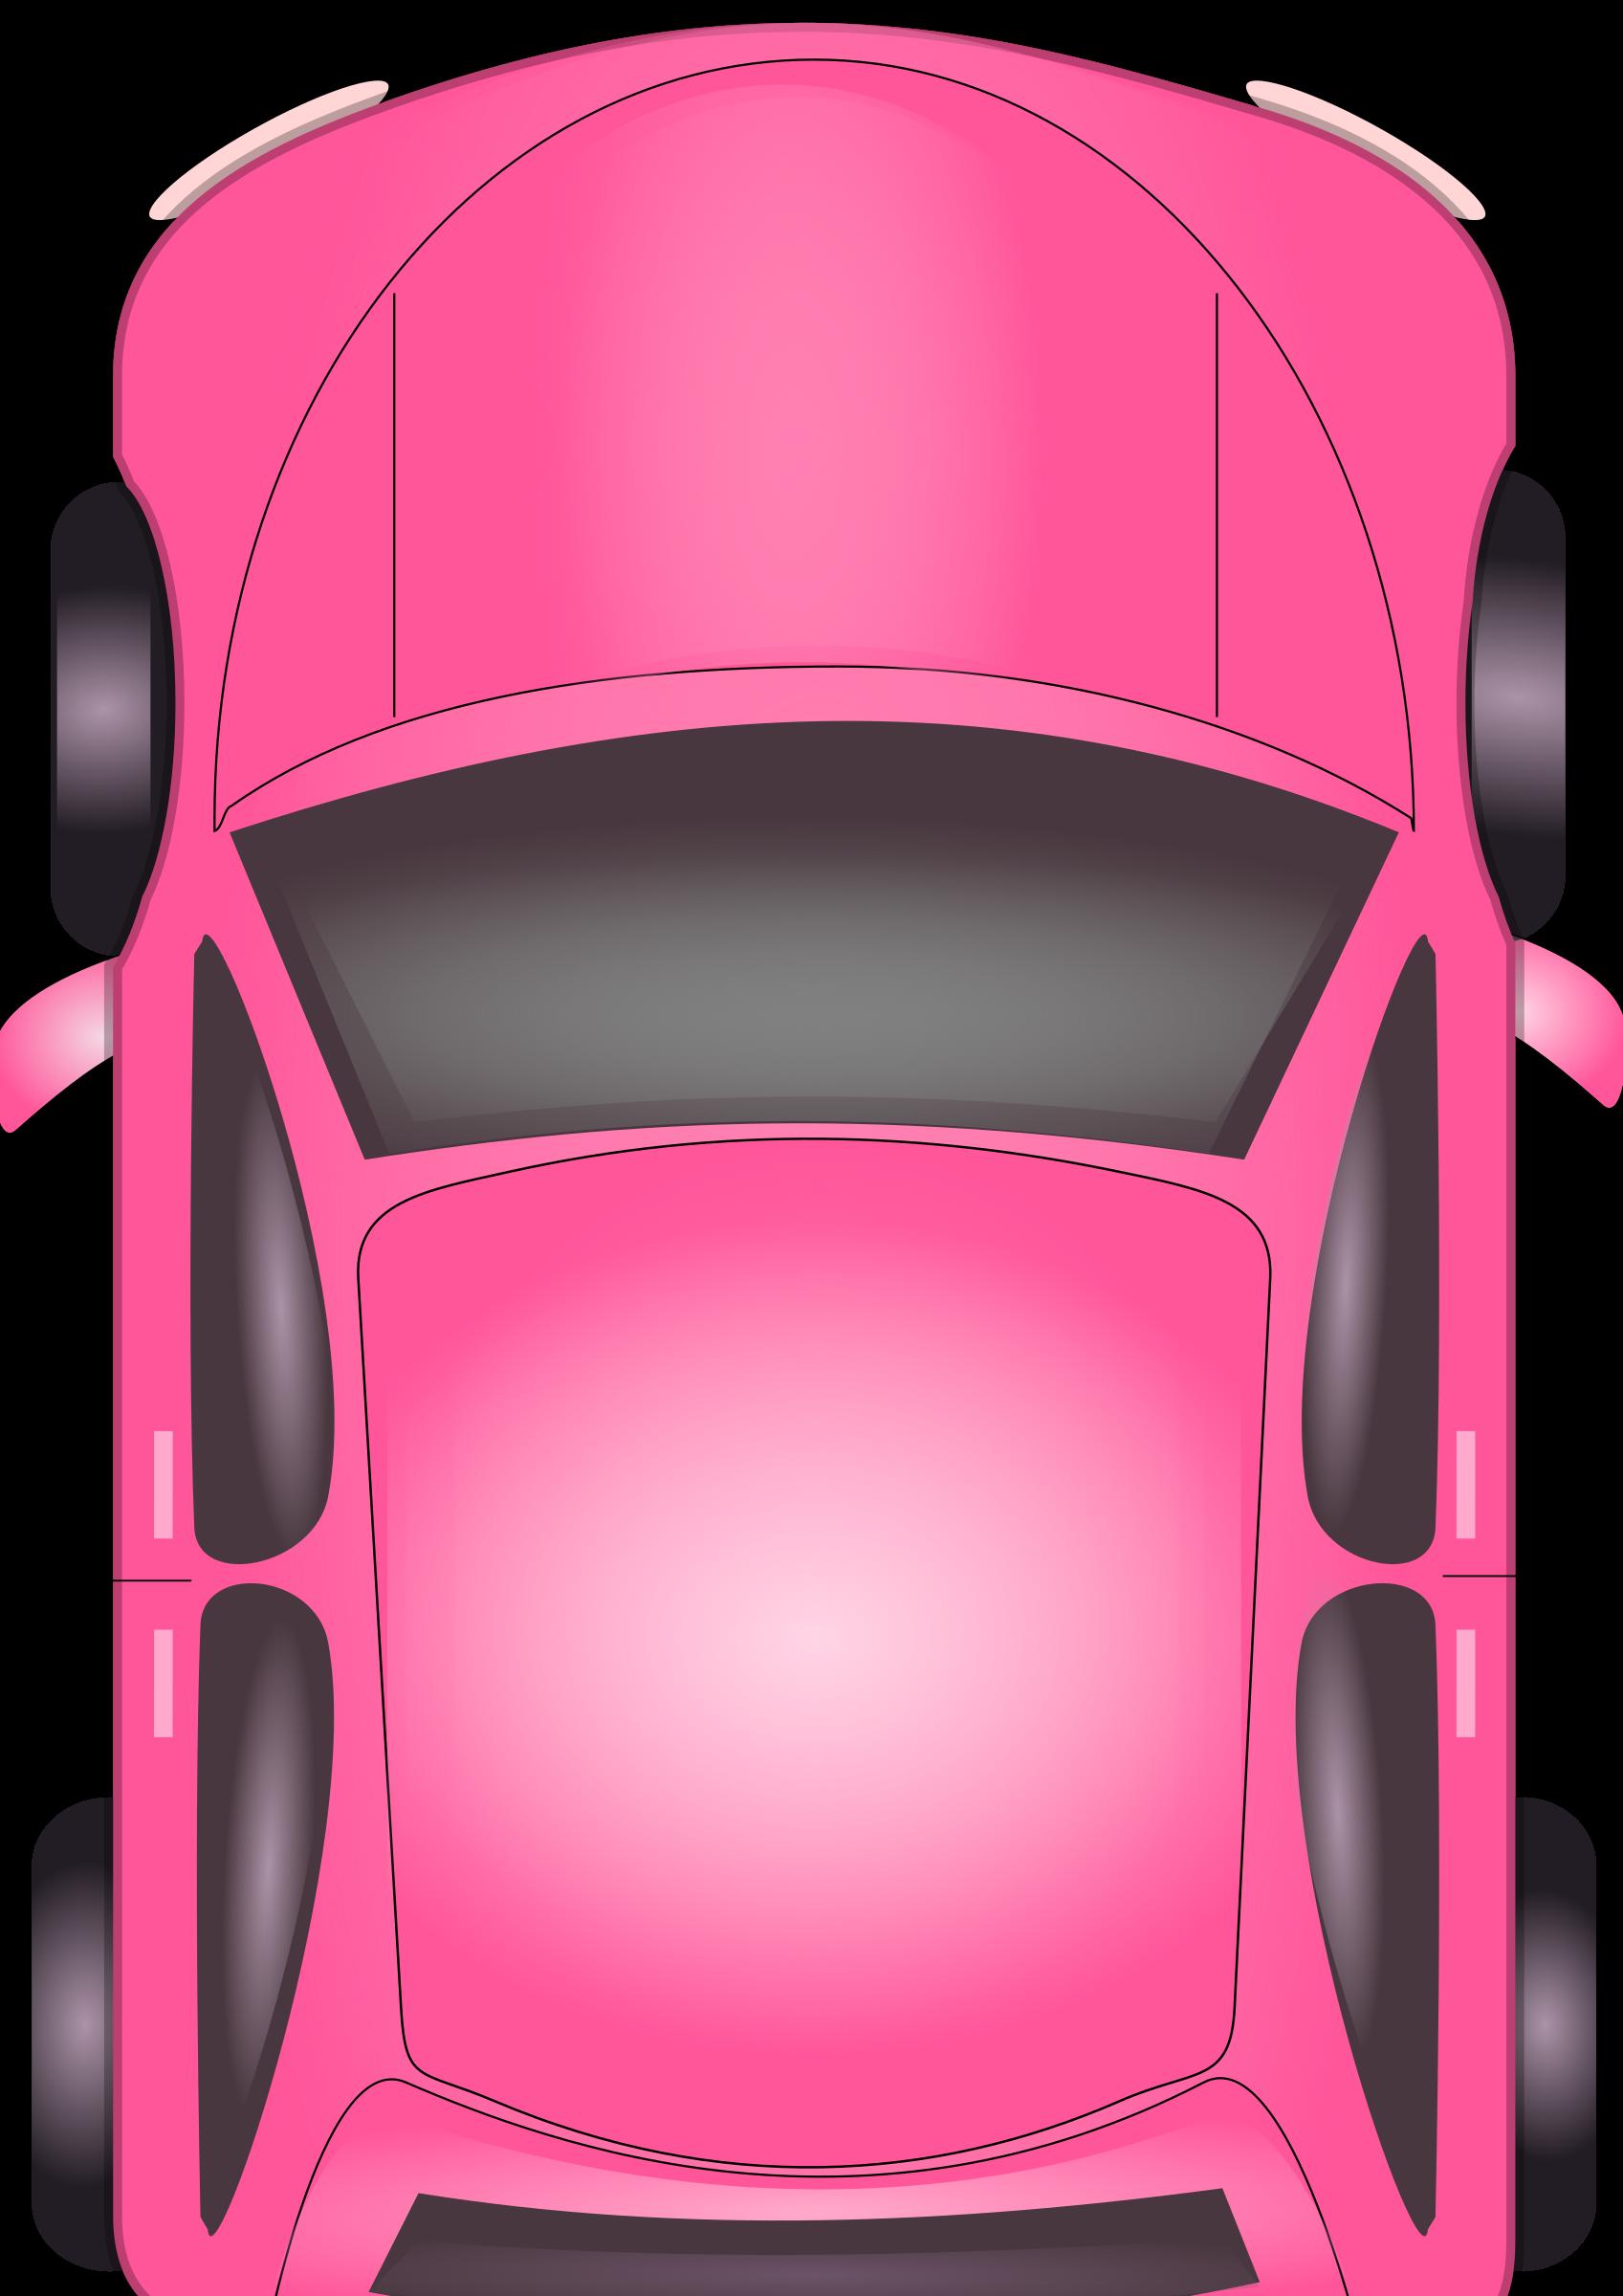 Clipart door top view. Pink car big image